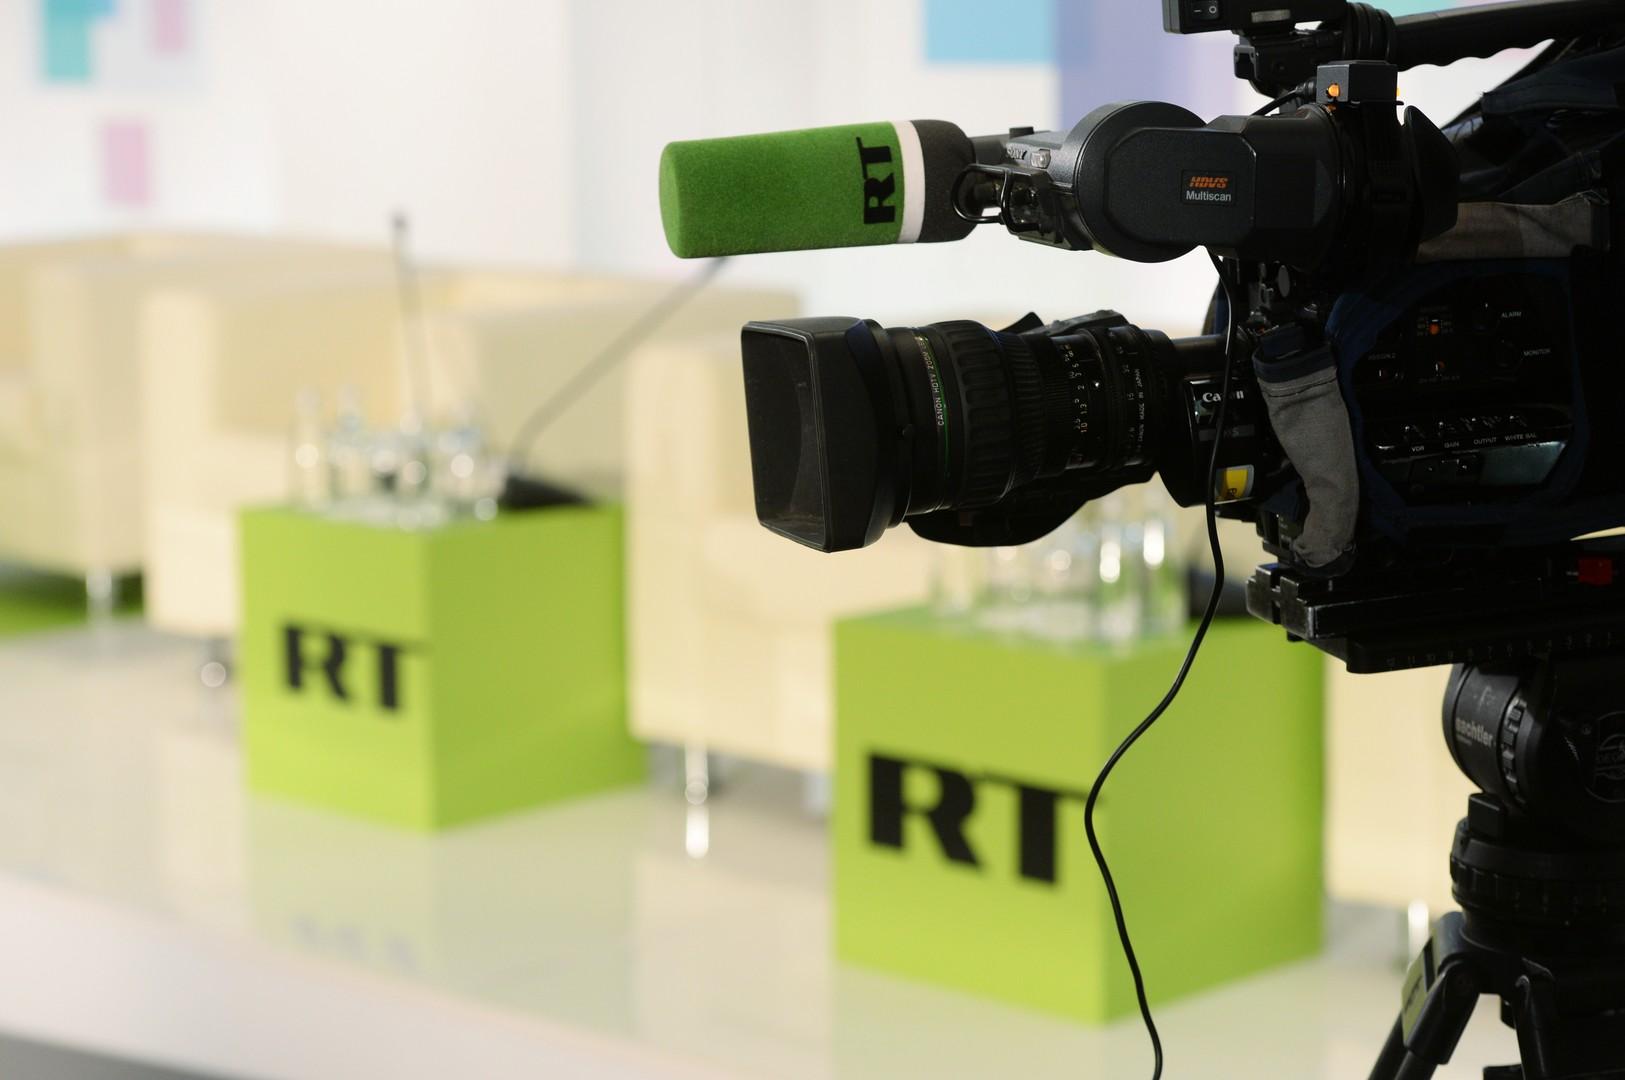 RT вошёл в эксклюзивный ТВ-пакет на Олимпиаде в Рио